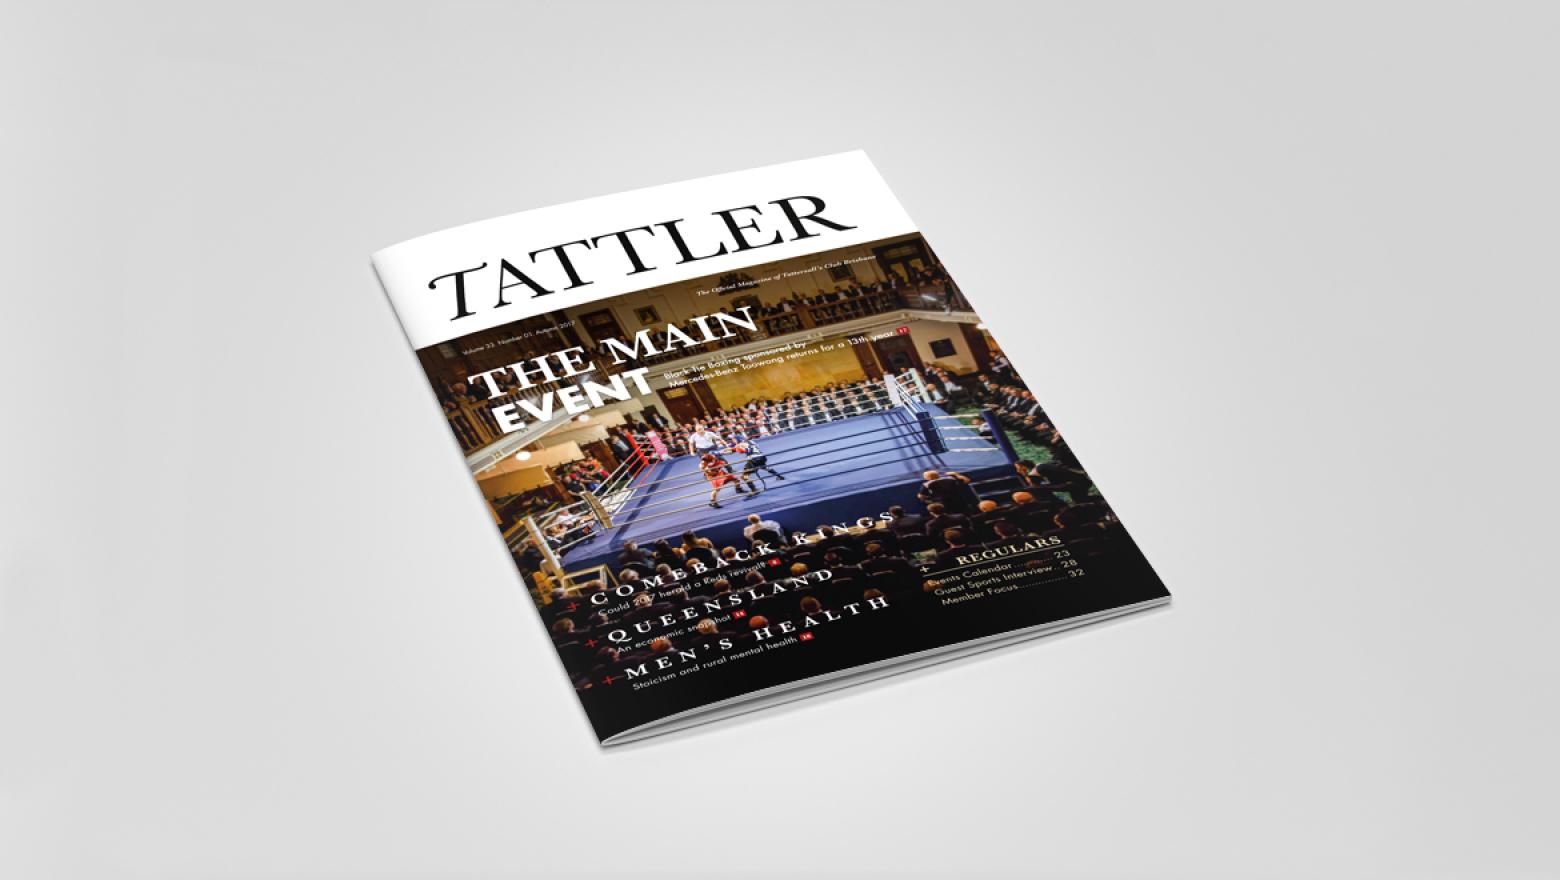 Tattler new cover